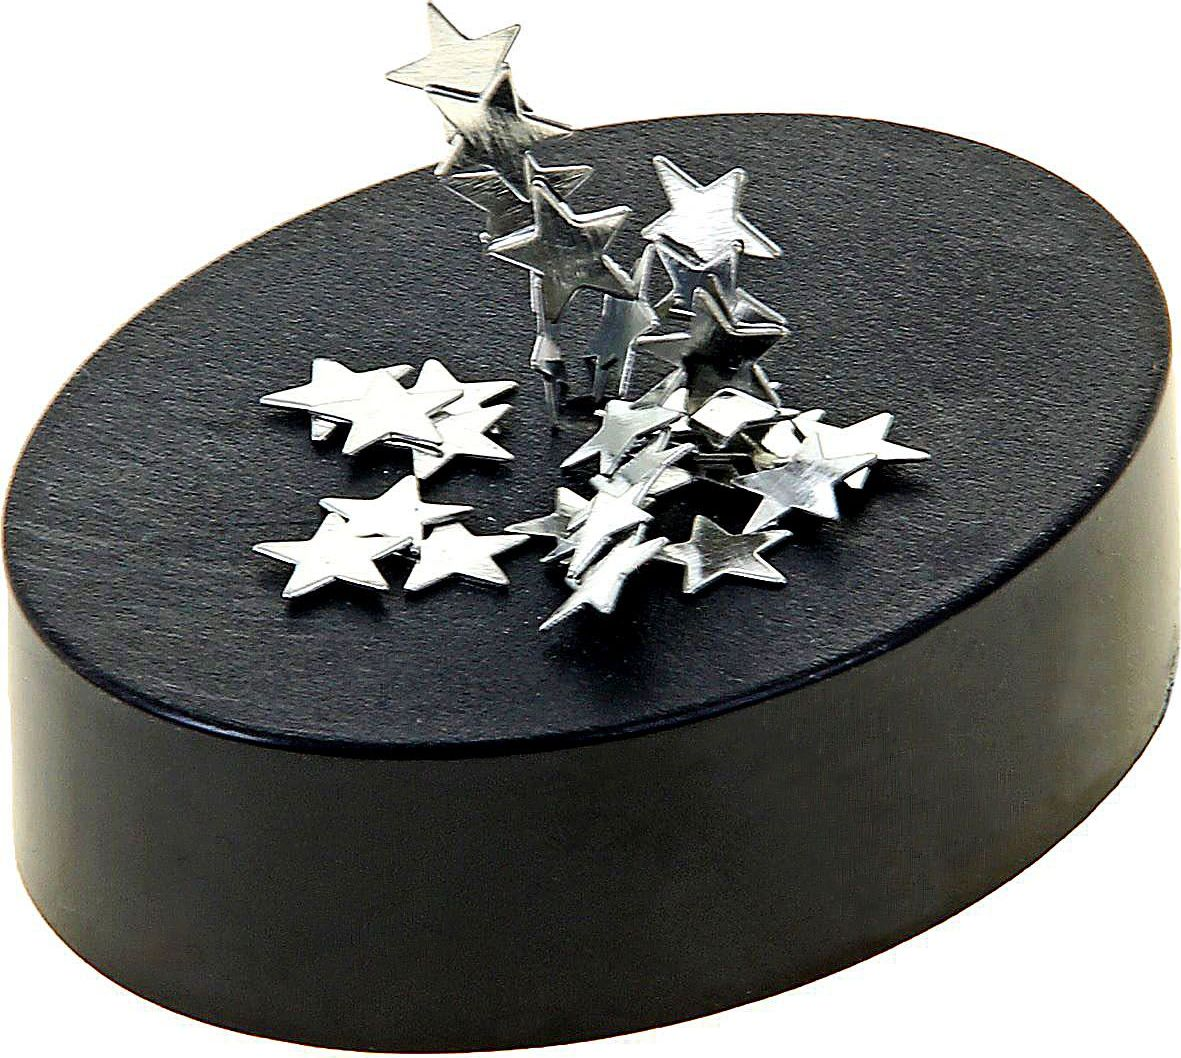 Магнитный конструктор Звездочки422229Магнитный конструктор Звездочки — прекрасный подарок для работника офиса и для человека, который подвержен ежедневным стрессам. Изделие выполнено из металла. С такой забавой вы можете самостоятельно выстраивать фигурки, снимая нервное напряжение прямо на рабочем месте. А еще Магнитный конструктор Звездочки можно использовать как стандартную скрепочницу. Развивайте воображение, творческие способности и мелкую моторику рук вместе с этим необычным конструктором.